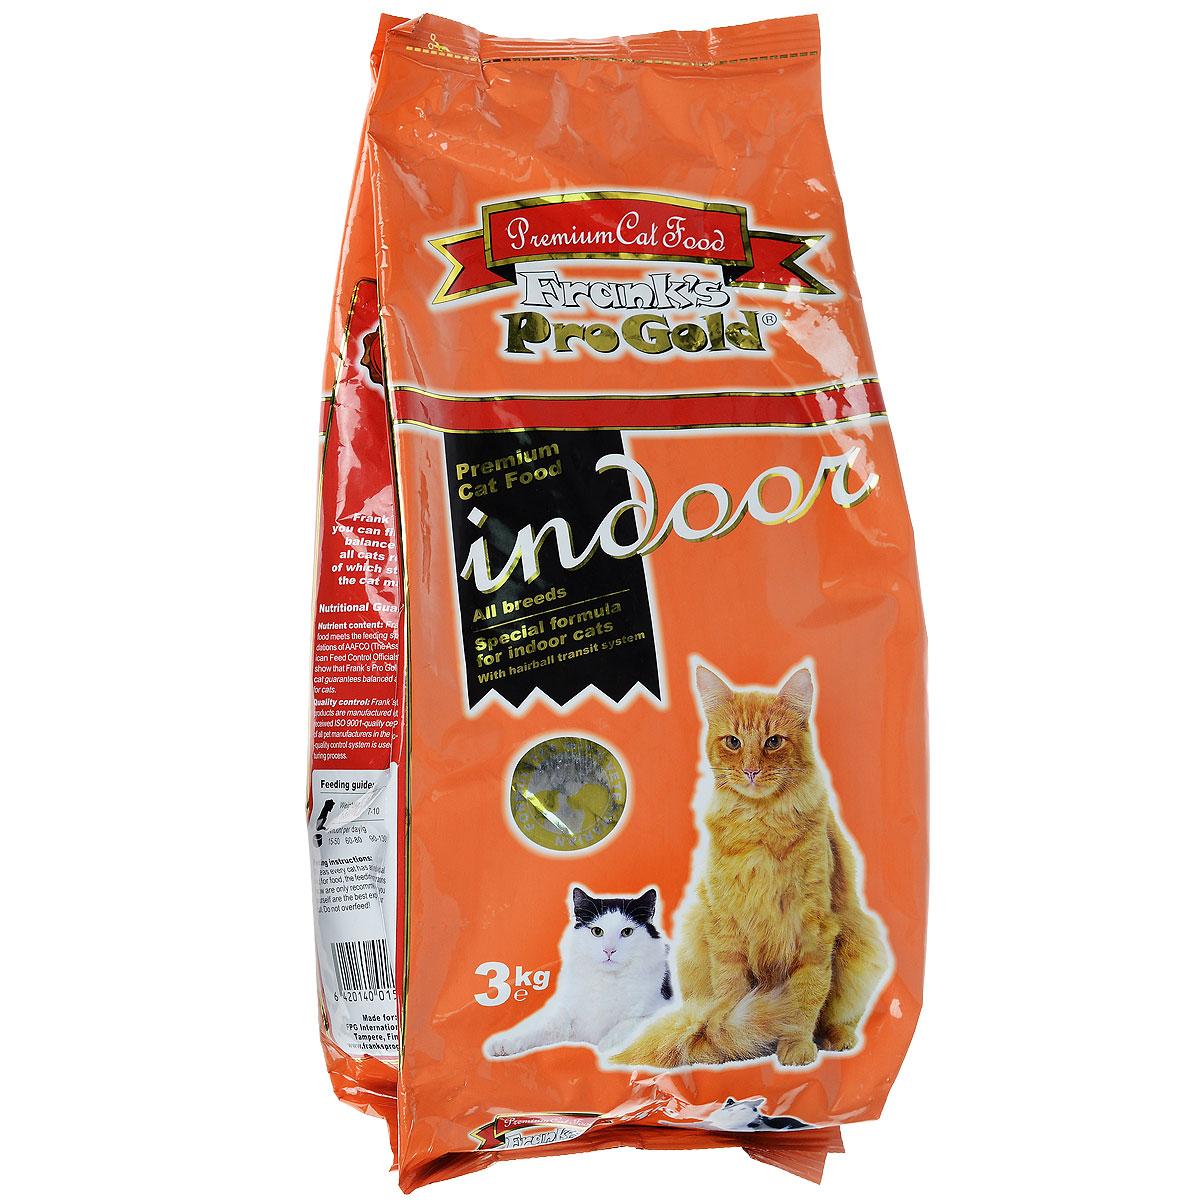 Корм сухой Franks ProGold для домашних и кастрированных кошек, 3 кг23299Сухой корм Franks ProGold - это полноценный рацион для взрослых домашних и кастрированных котов. Он содержит особую разработанную с участием ученых комбинацию ингредиентов для поддержания здоровья вашего питомца в течение продолжительного времени. Корм с высококачественным белком и низким содержанием жира, сочетающий все необходимые питательные вещества Состав: дегидрированное мясо курицы, рис, маис, ячмень, куриный жир, печень птицы, гидролизованный белок, пищевая целлюлоза (минимум 5%), мякоть свеклы, минералы, витамины, дрожжи, яичный порошок, кукурузная мука, рыбий жир, фруктоолигосахариды (минимум 5%), лецитан (минимум 0,5%), экстракт юкки, линхлорид, карбонат кальция, мясо птицы, хлорид натрия, таурин, витамин Е, витамин С. Пищевая ценность: белки 28,0%, жиры 14,0%, клетчатка 5,5%, зола 6,5%, влажность 8,0%, фосфор 1,0%, кальций 1,1%, натрий 0,6%, магний 0,09%. Добавки: витамин-A 22000 IU/кг, витамин-D3 2000 IU/кг, витамин-E 400 мг/кг, витамин-C 40 мг/кг,...